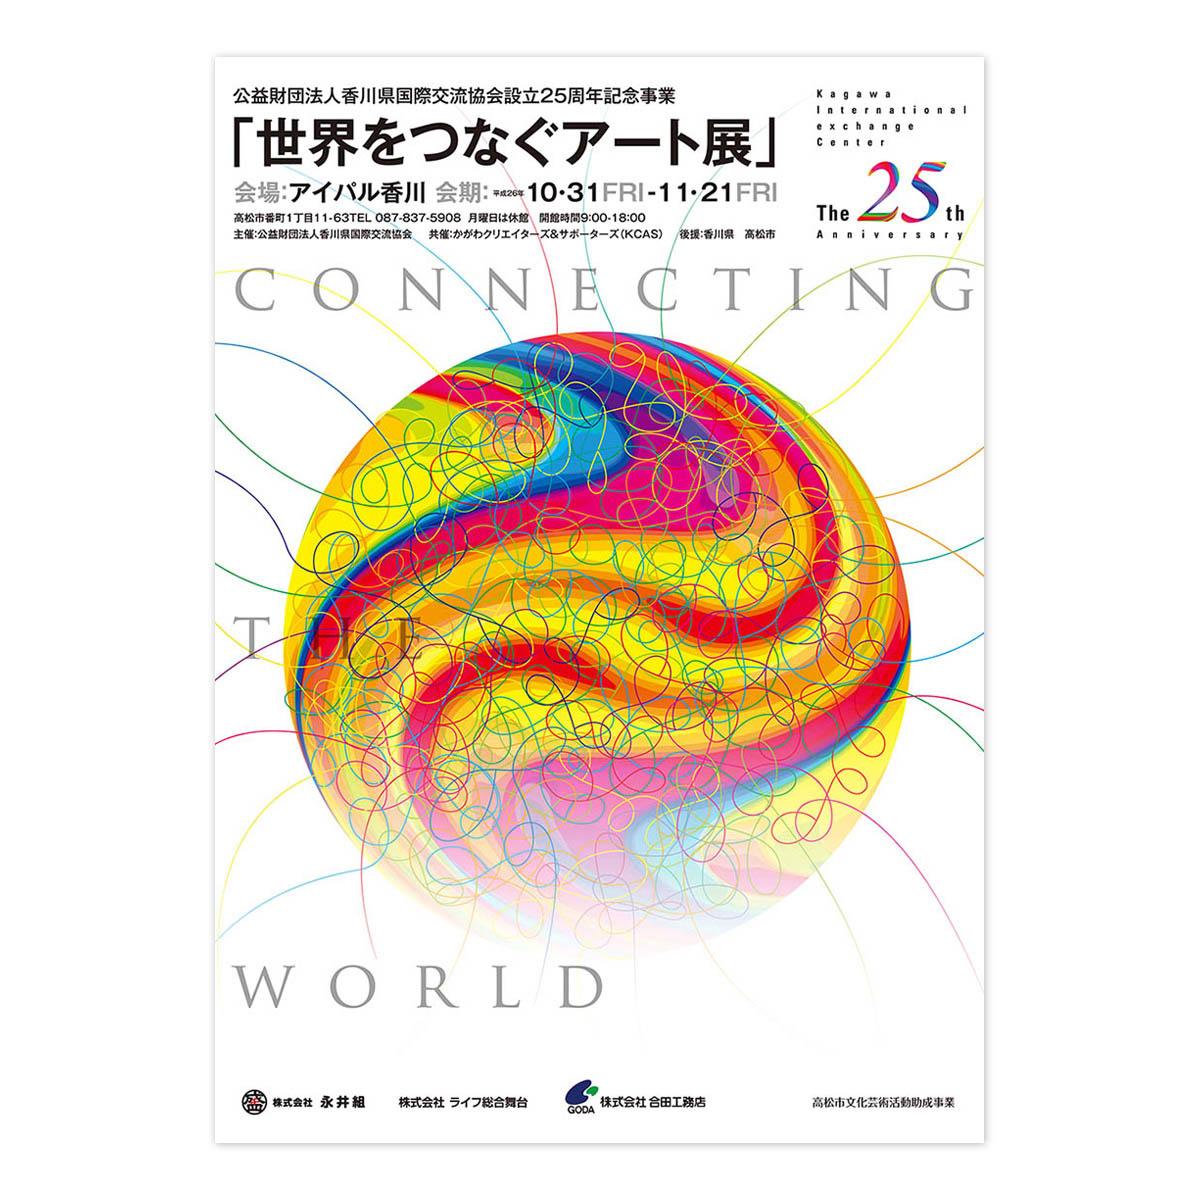 香川県国際交流協会設立25周年事業 世界をつなぐアート展 ポスター